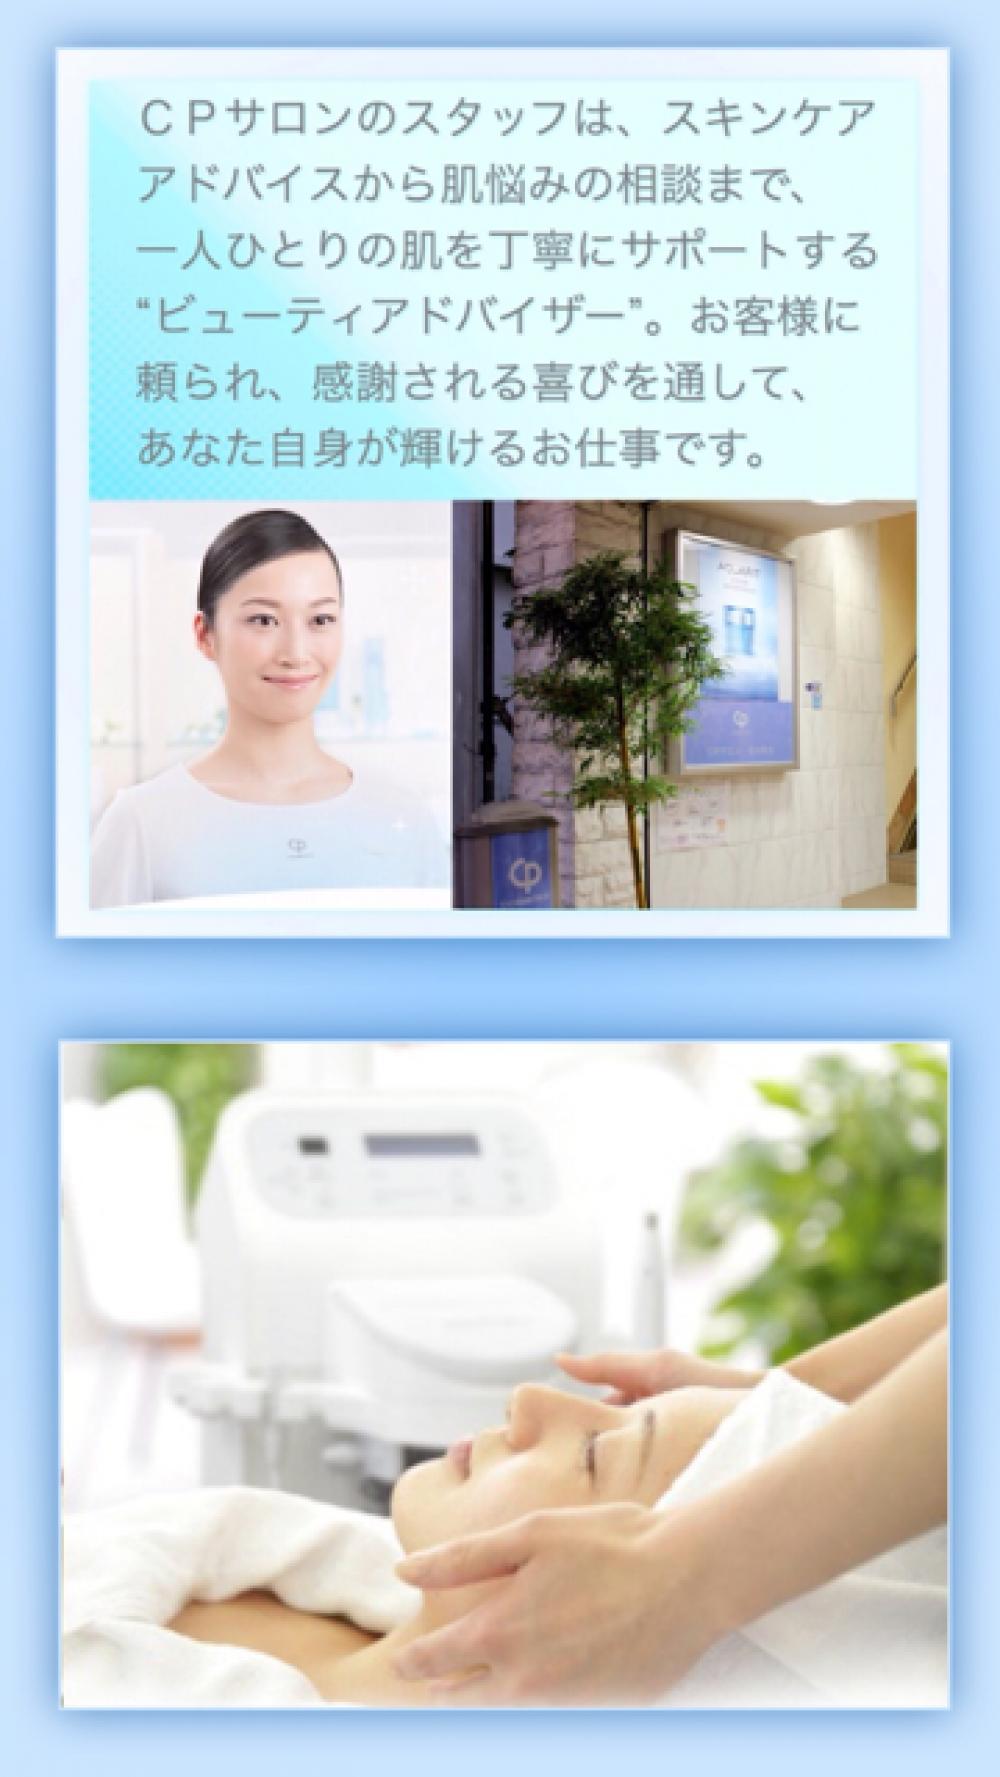 神奈川県の求人情報、アルバイト、バイト情報を多数掲載。